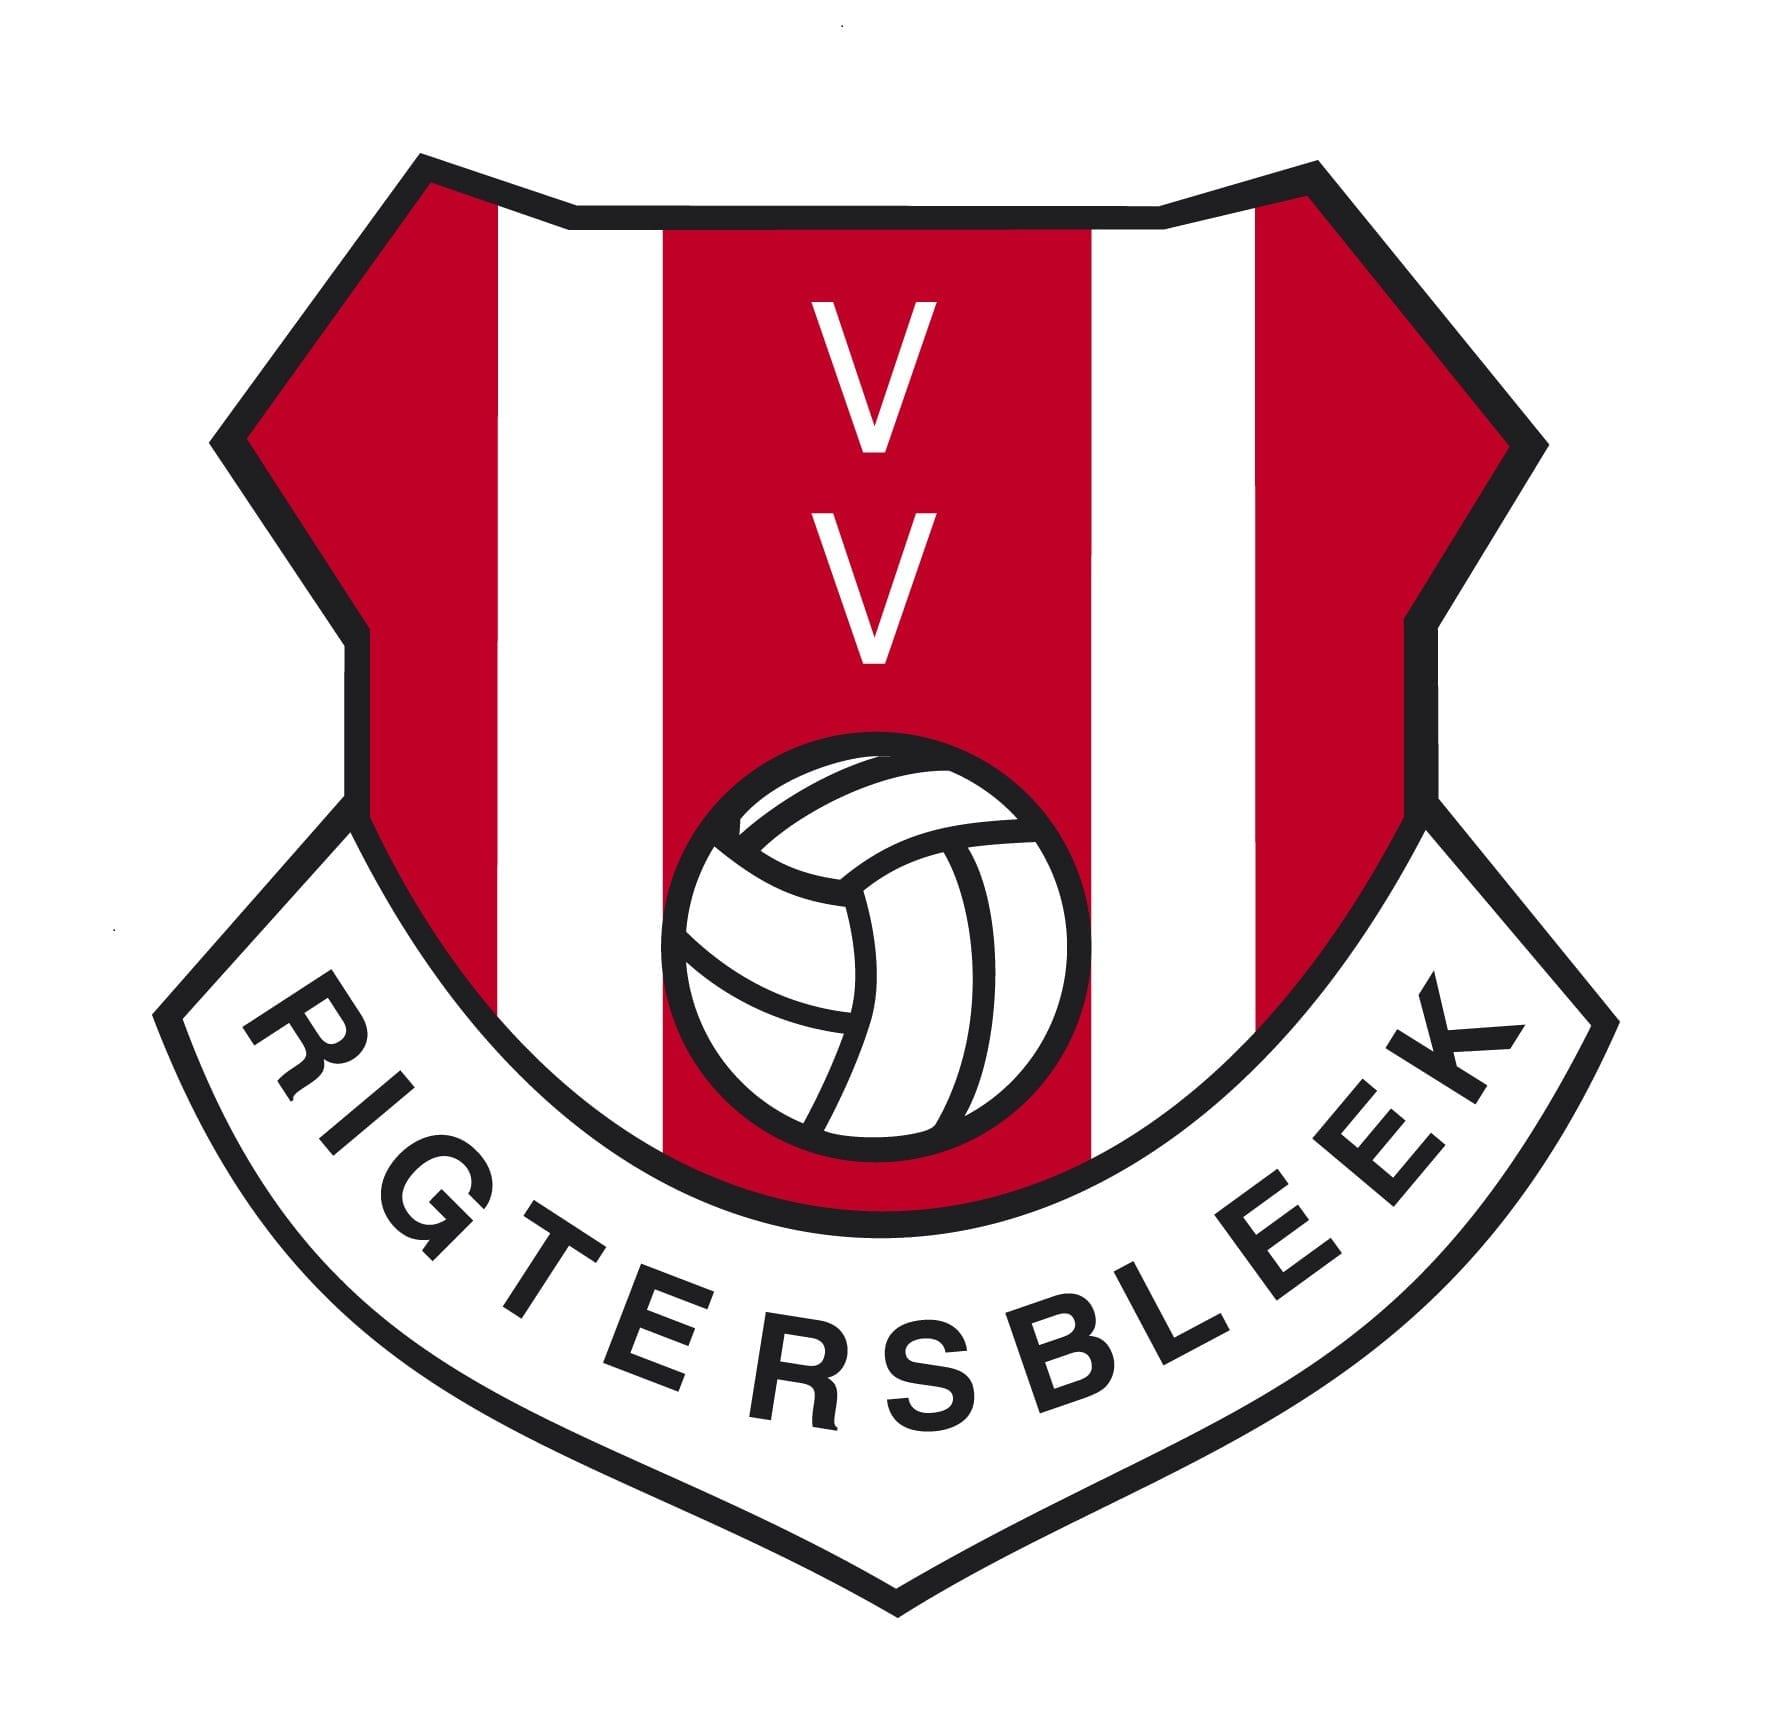 logo Rigtersbleek